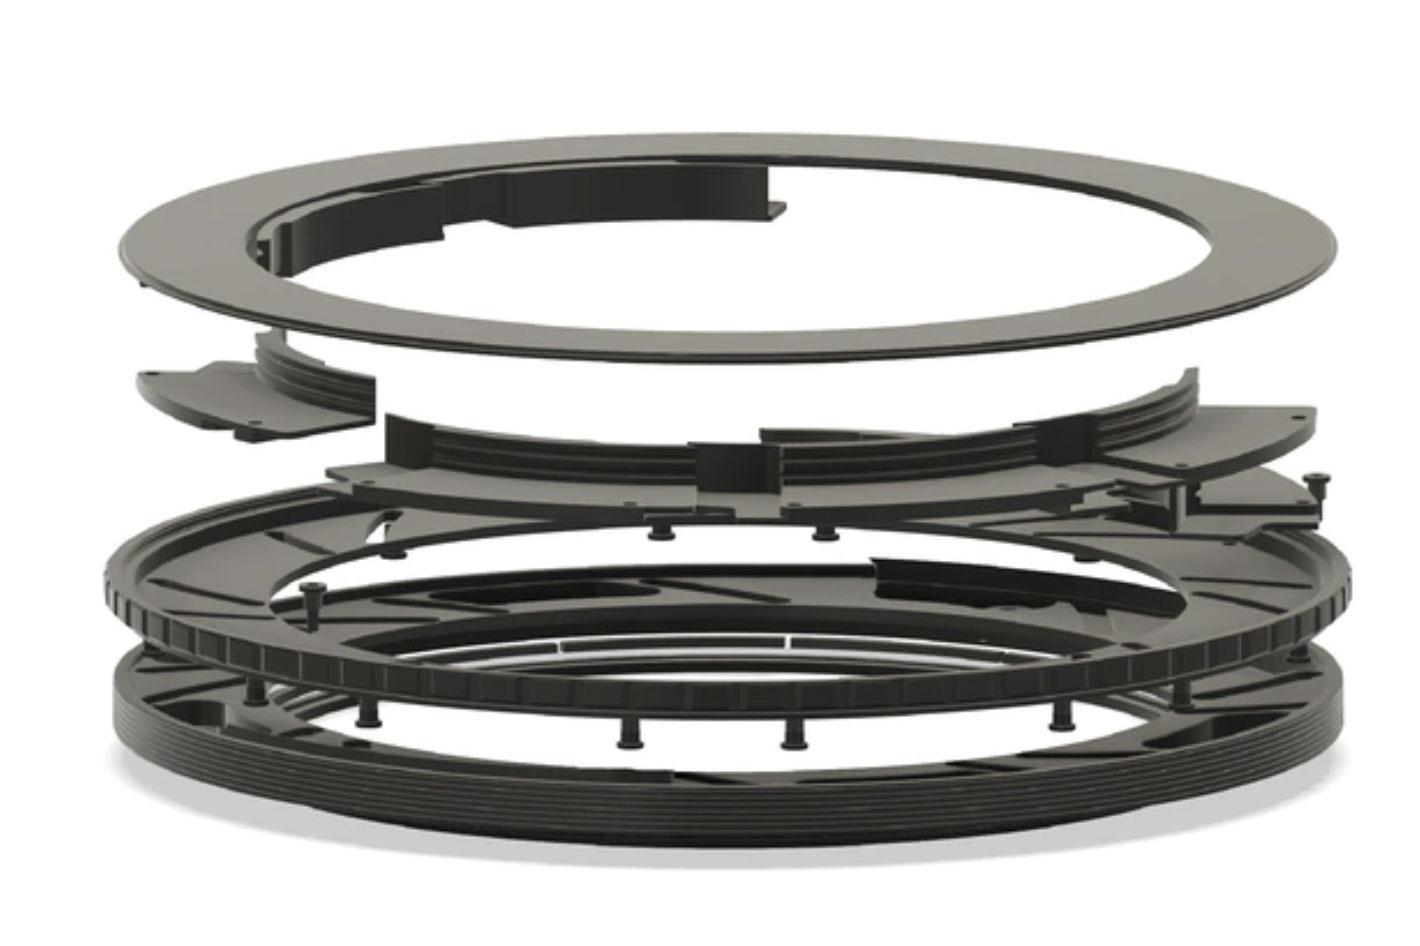 H&Y REVORING Black Mist Filter: one filter for multiple lenses